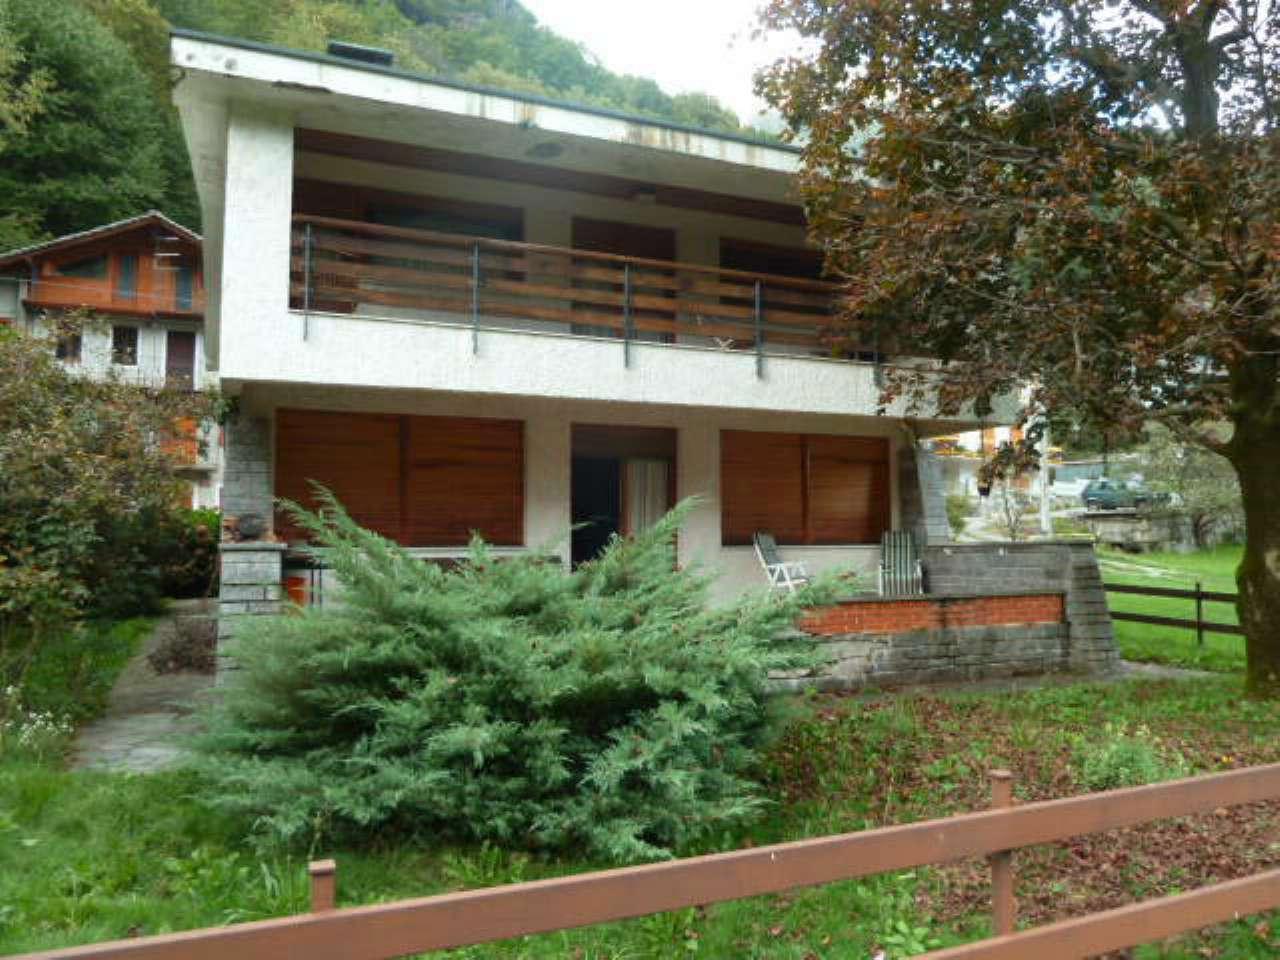 Foto 1 di Casa indipendente borgata Chiampernotto, frazione Chiampernotto, Ceres